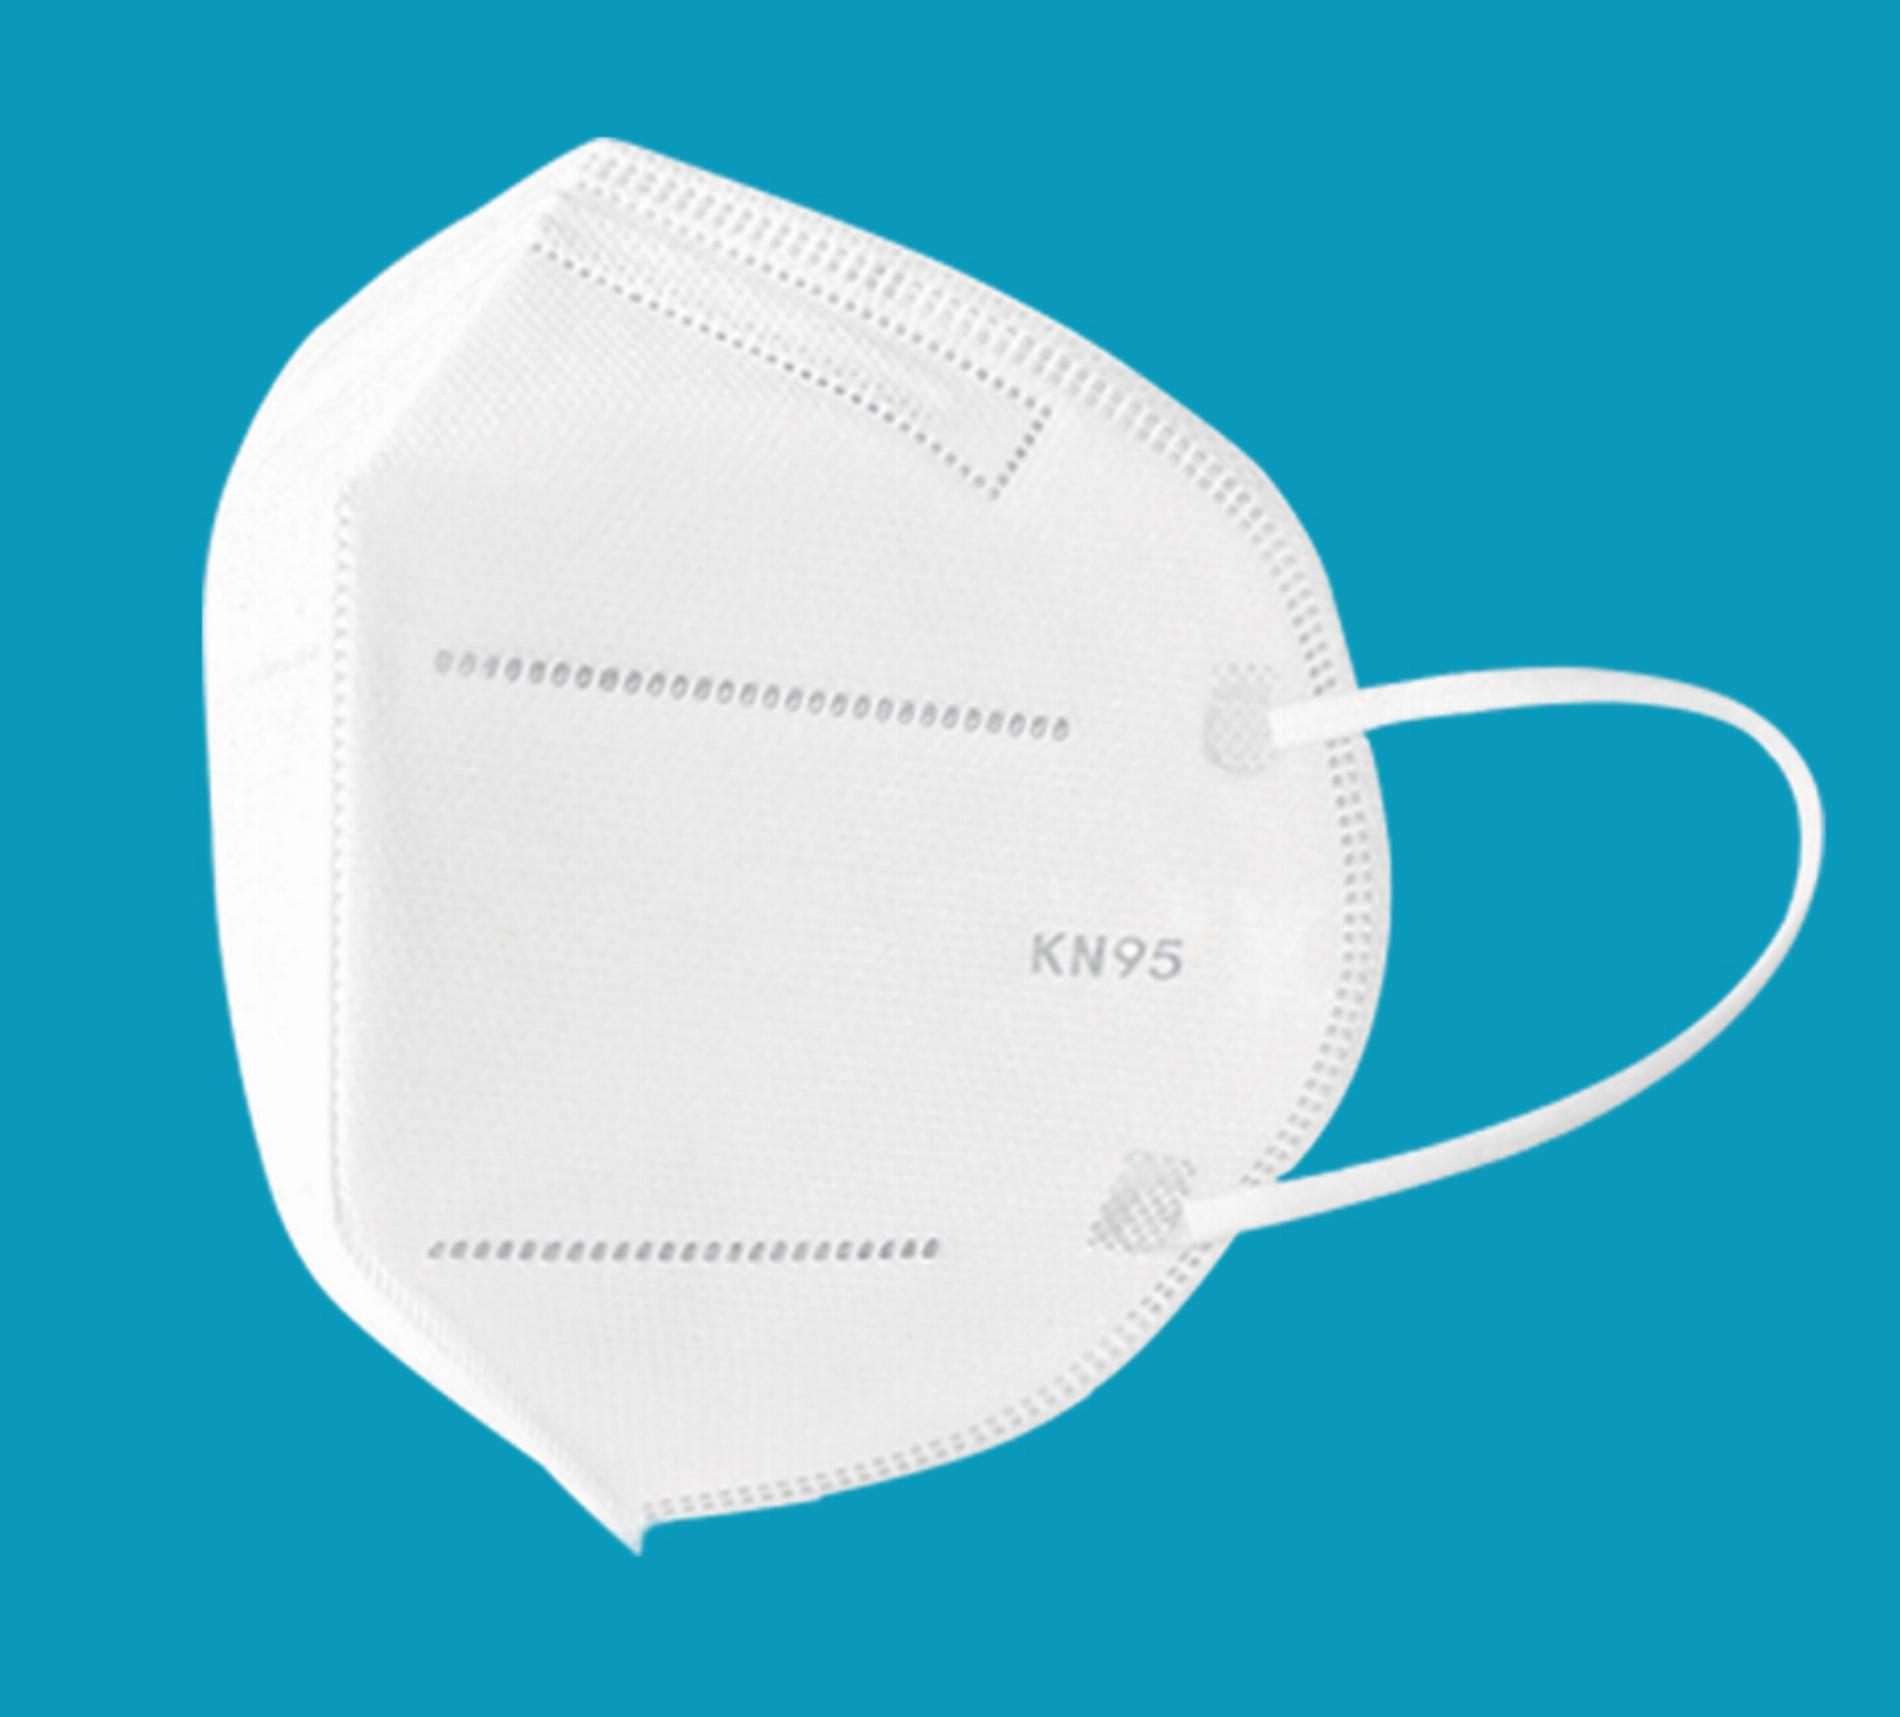 20 x KN95 Schutzmaske mit 4 Schichten (CE zertifiziert)